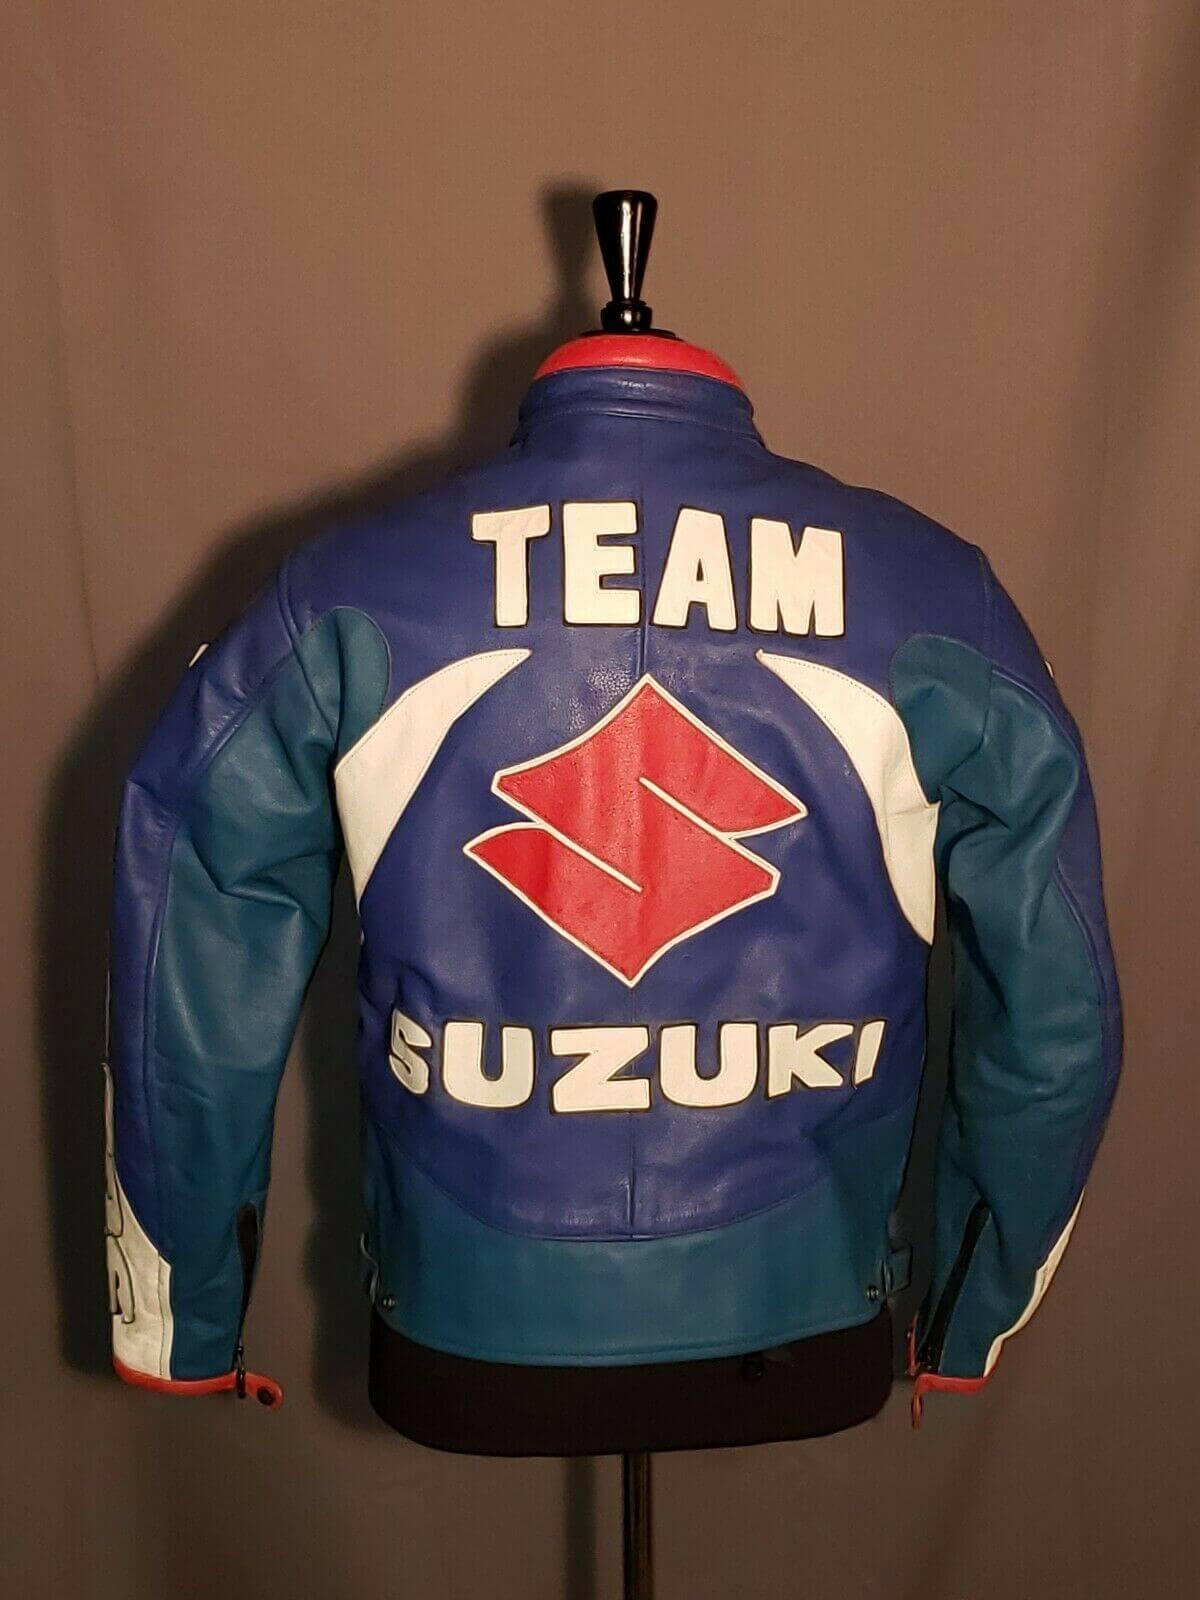 Miline Team Suzuki Playstation Dunlop Motorcycle Jacket